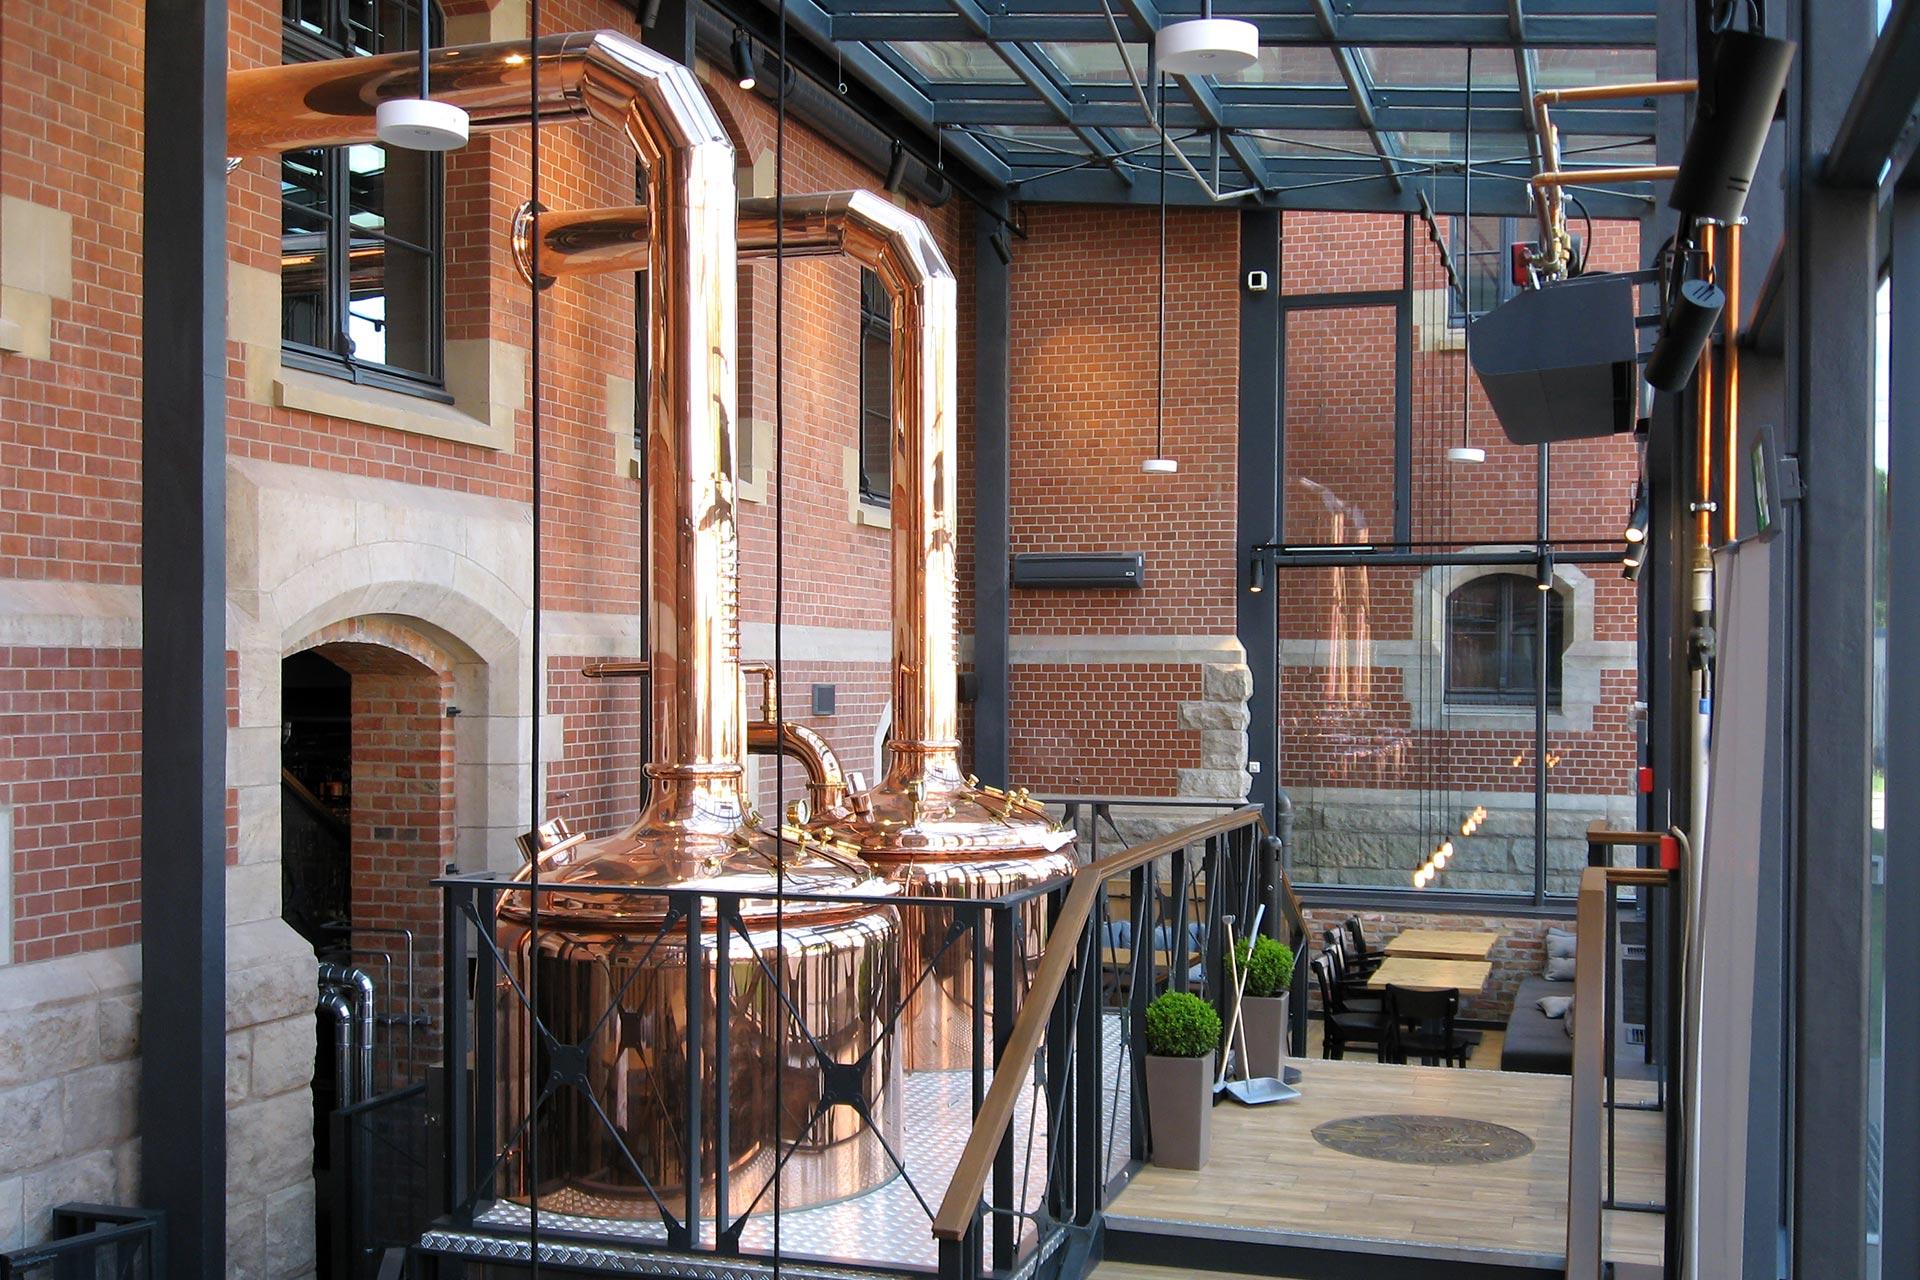 poeschl_anlagenbau_Brauerei_Caspary-Sudhaus-10-hl